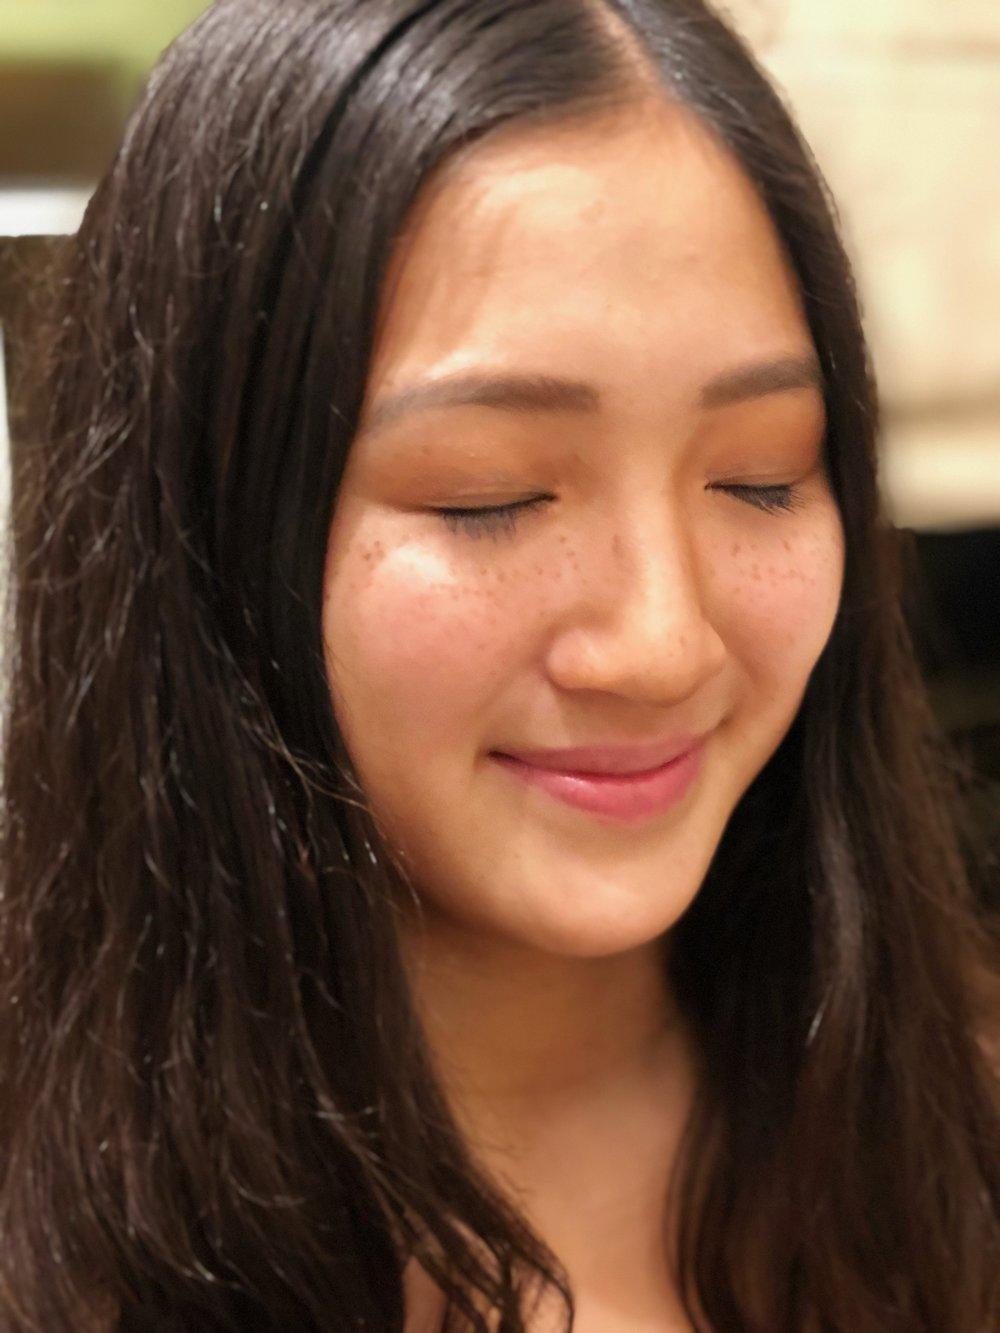 Young natural makeup